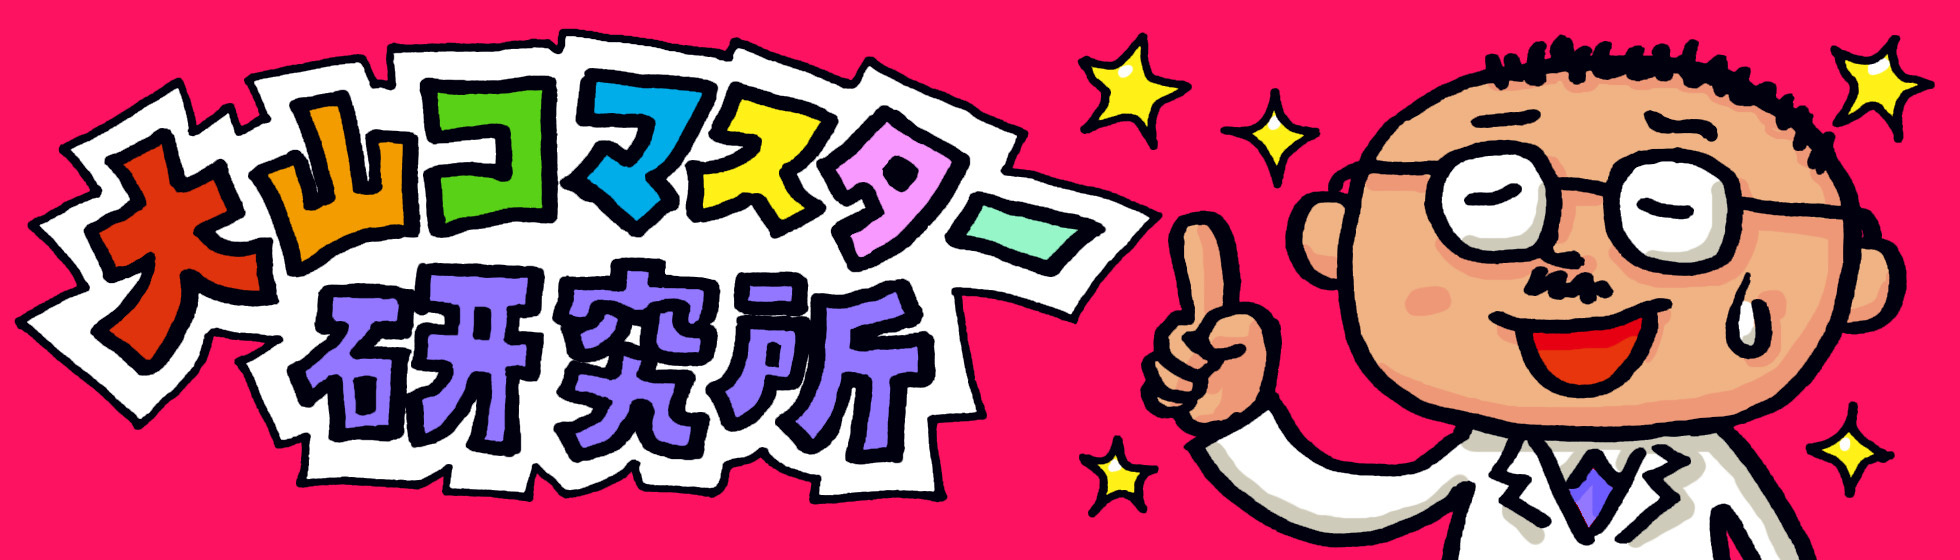 ポケモンコマスター』公式サイト